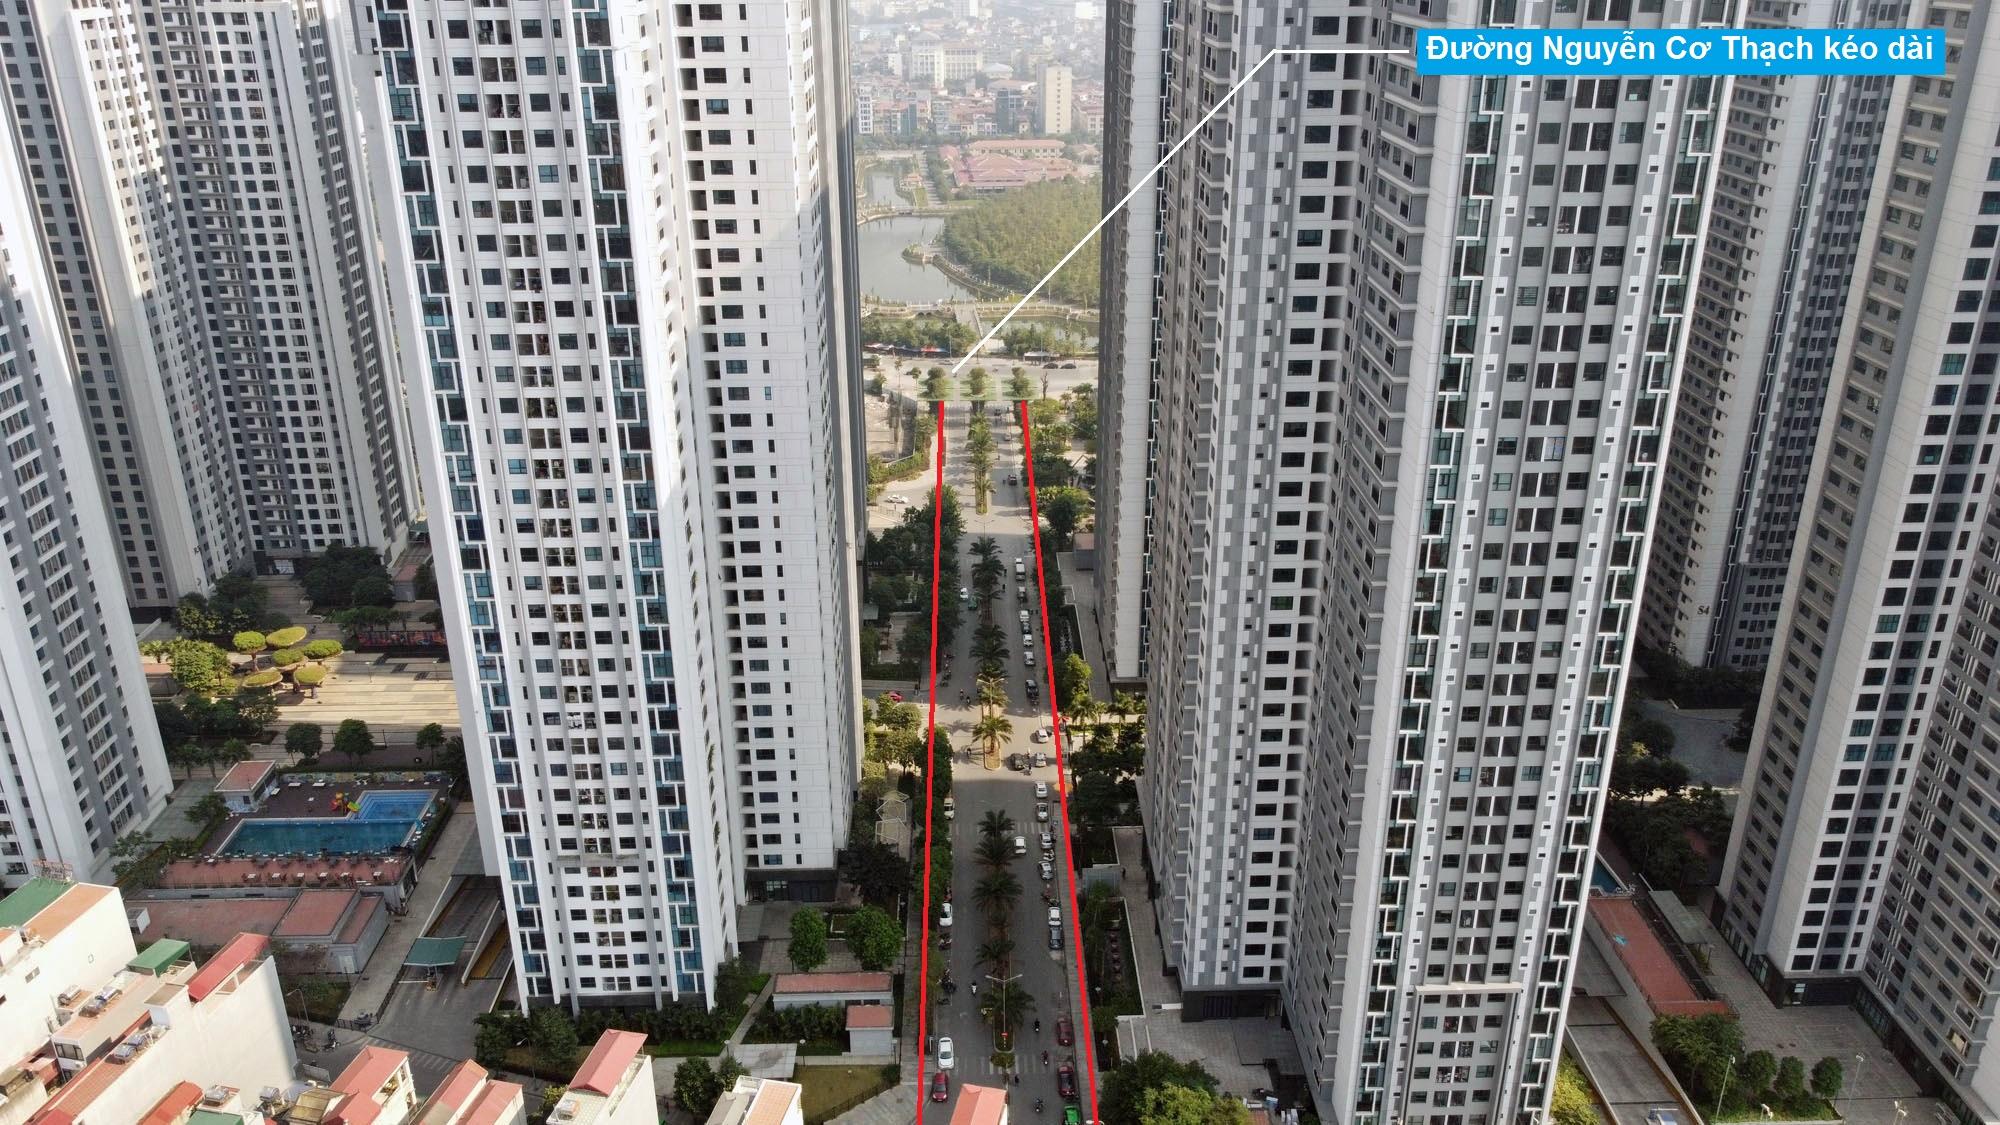 Ba đường sẽ mở theo qui hoạch ở phường Phú Diễn, Bắc Từ Liêm, Hà Nội (phần 2) - Ảnh 3.